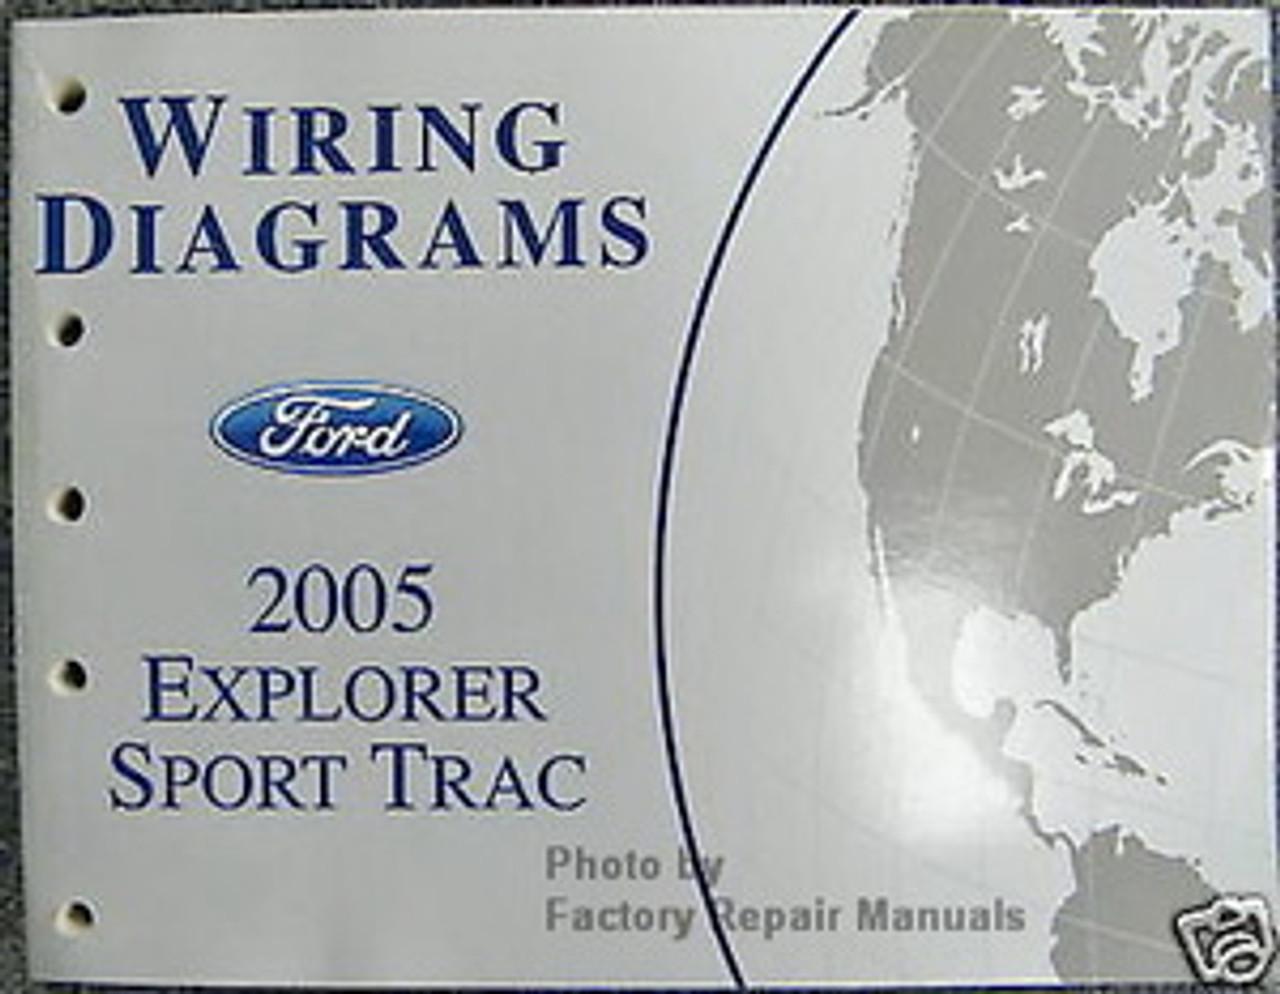 2005 Ford Explorer Sport Trac Electrical Wiring Diagrams Original Manual -  Factory Repair ManualsFactory Repair Manuals